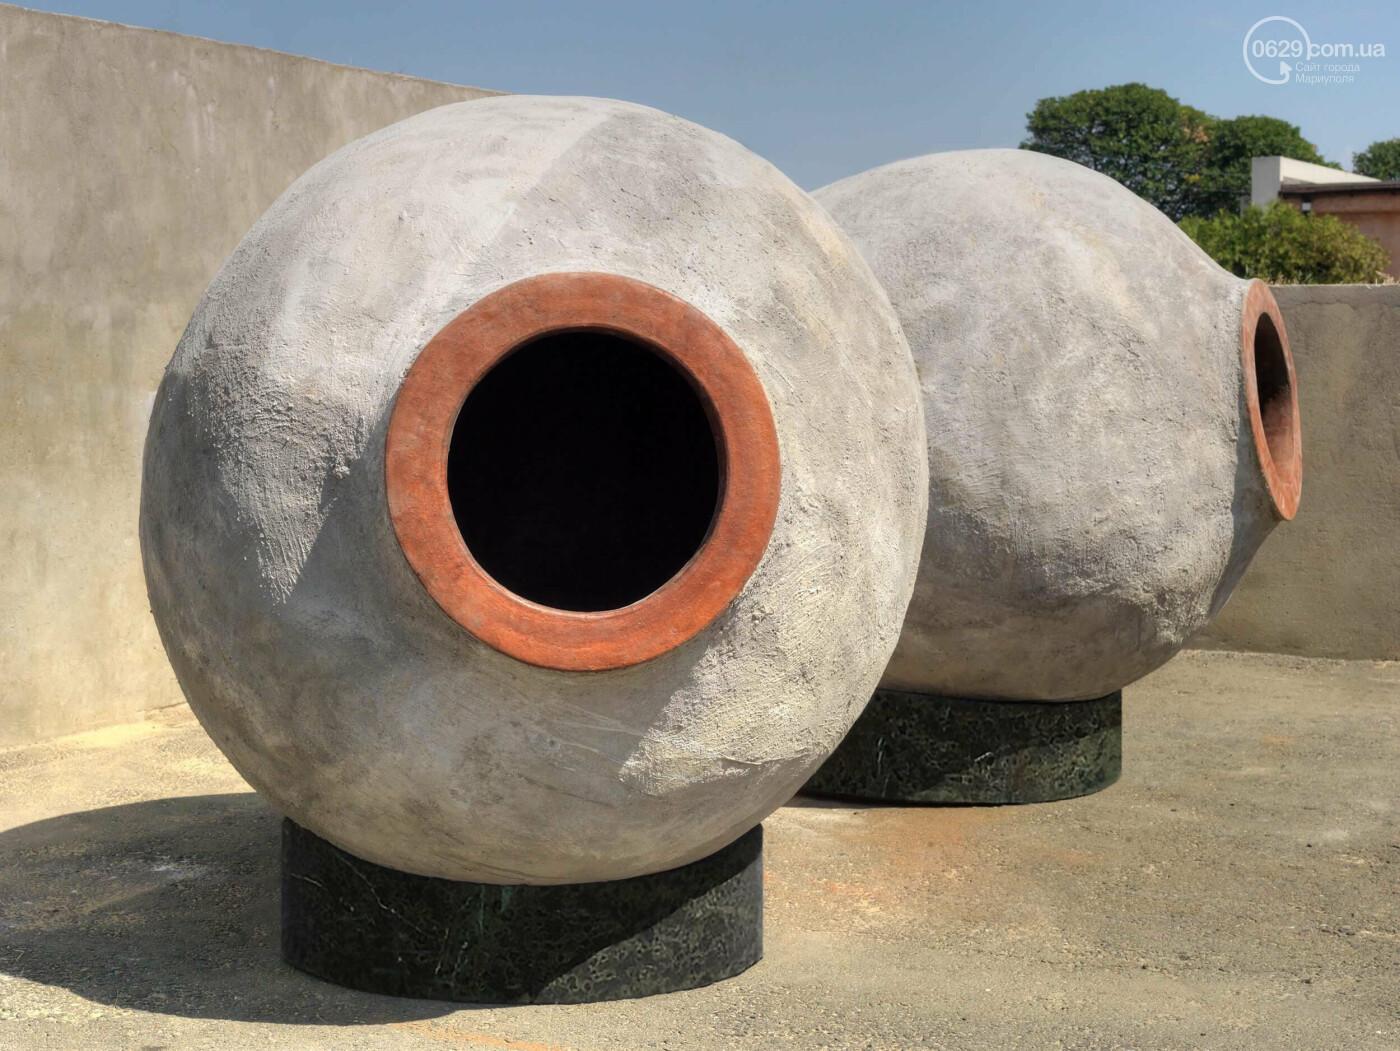 Эксклюзив от SHABO: вино, созданное под землей, фото-2